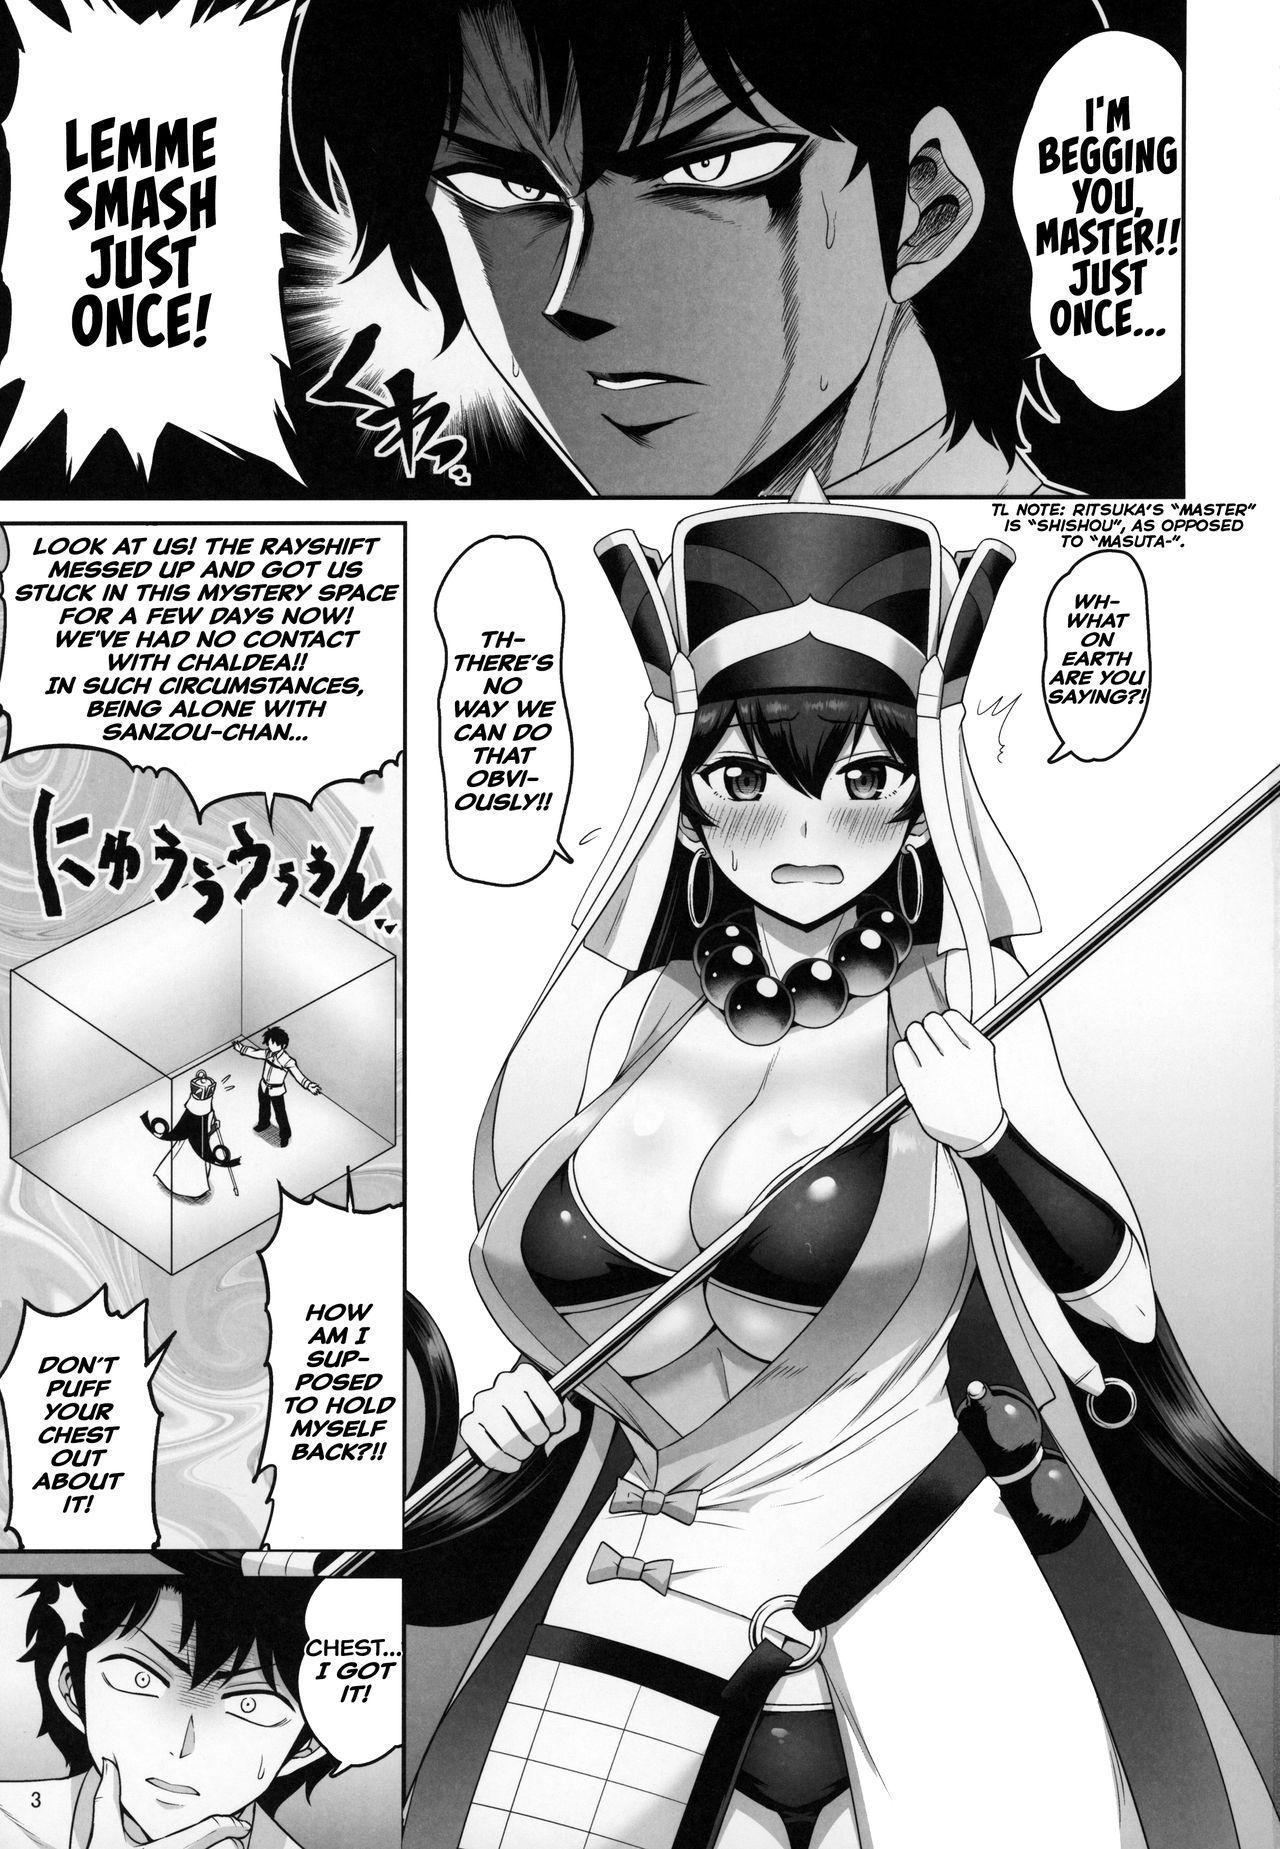 (C96) [Urasazan (Minamino Sazan)] Sanzou-chan no Chichi o Okashimakuru Hon   A Book Where Sanzou-chan's Tits Are Totally Violated (Fate/Grand Order) [English] [Hive-san] 1